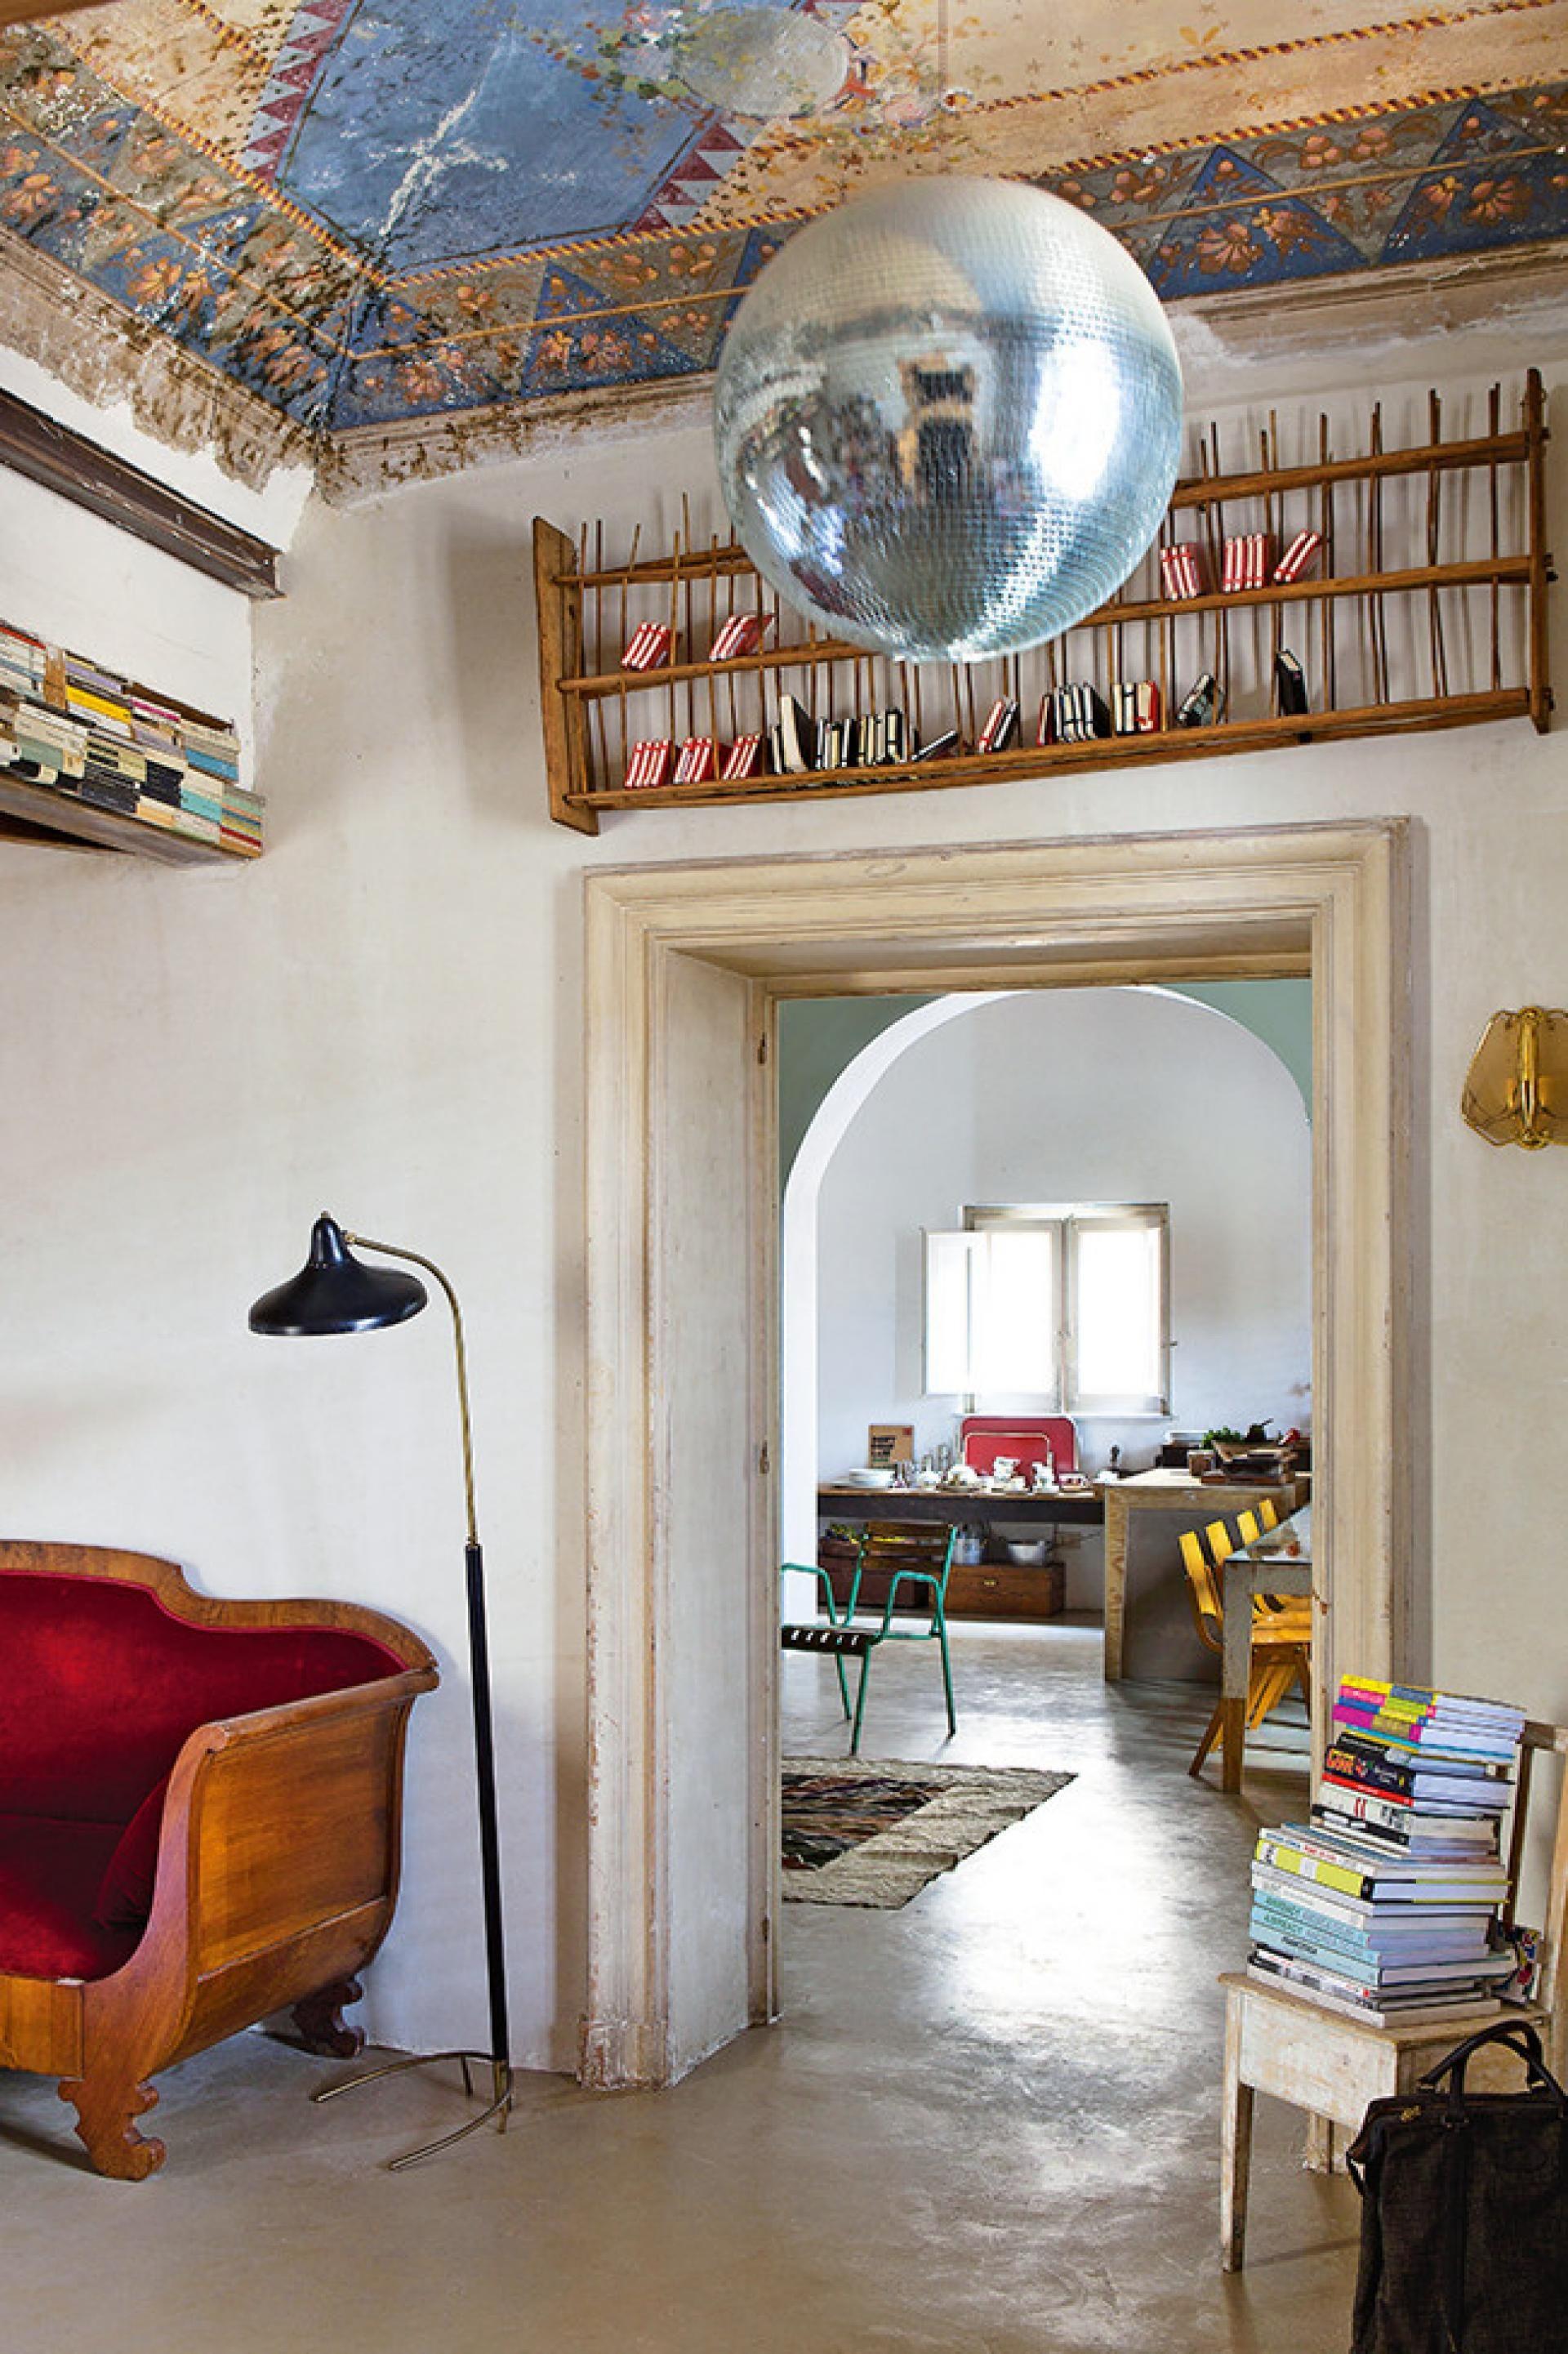 16th century italian palazzo | wohnideen, wohnzimmer und buecher, Wohnzimmer dekoo